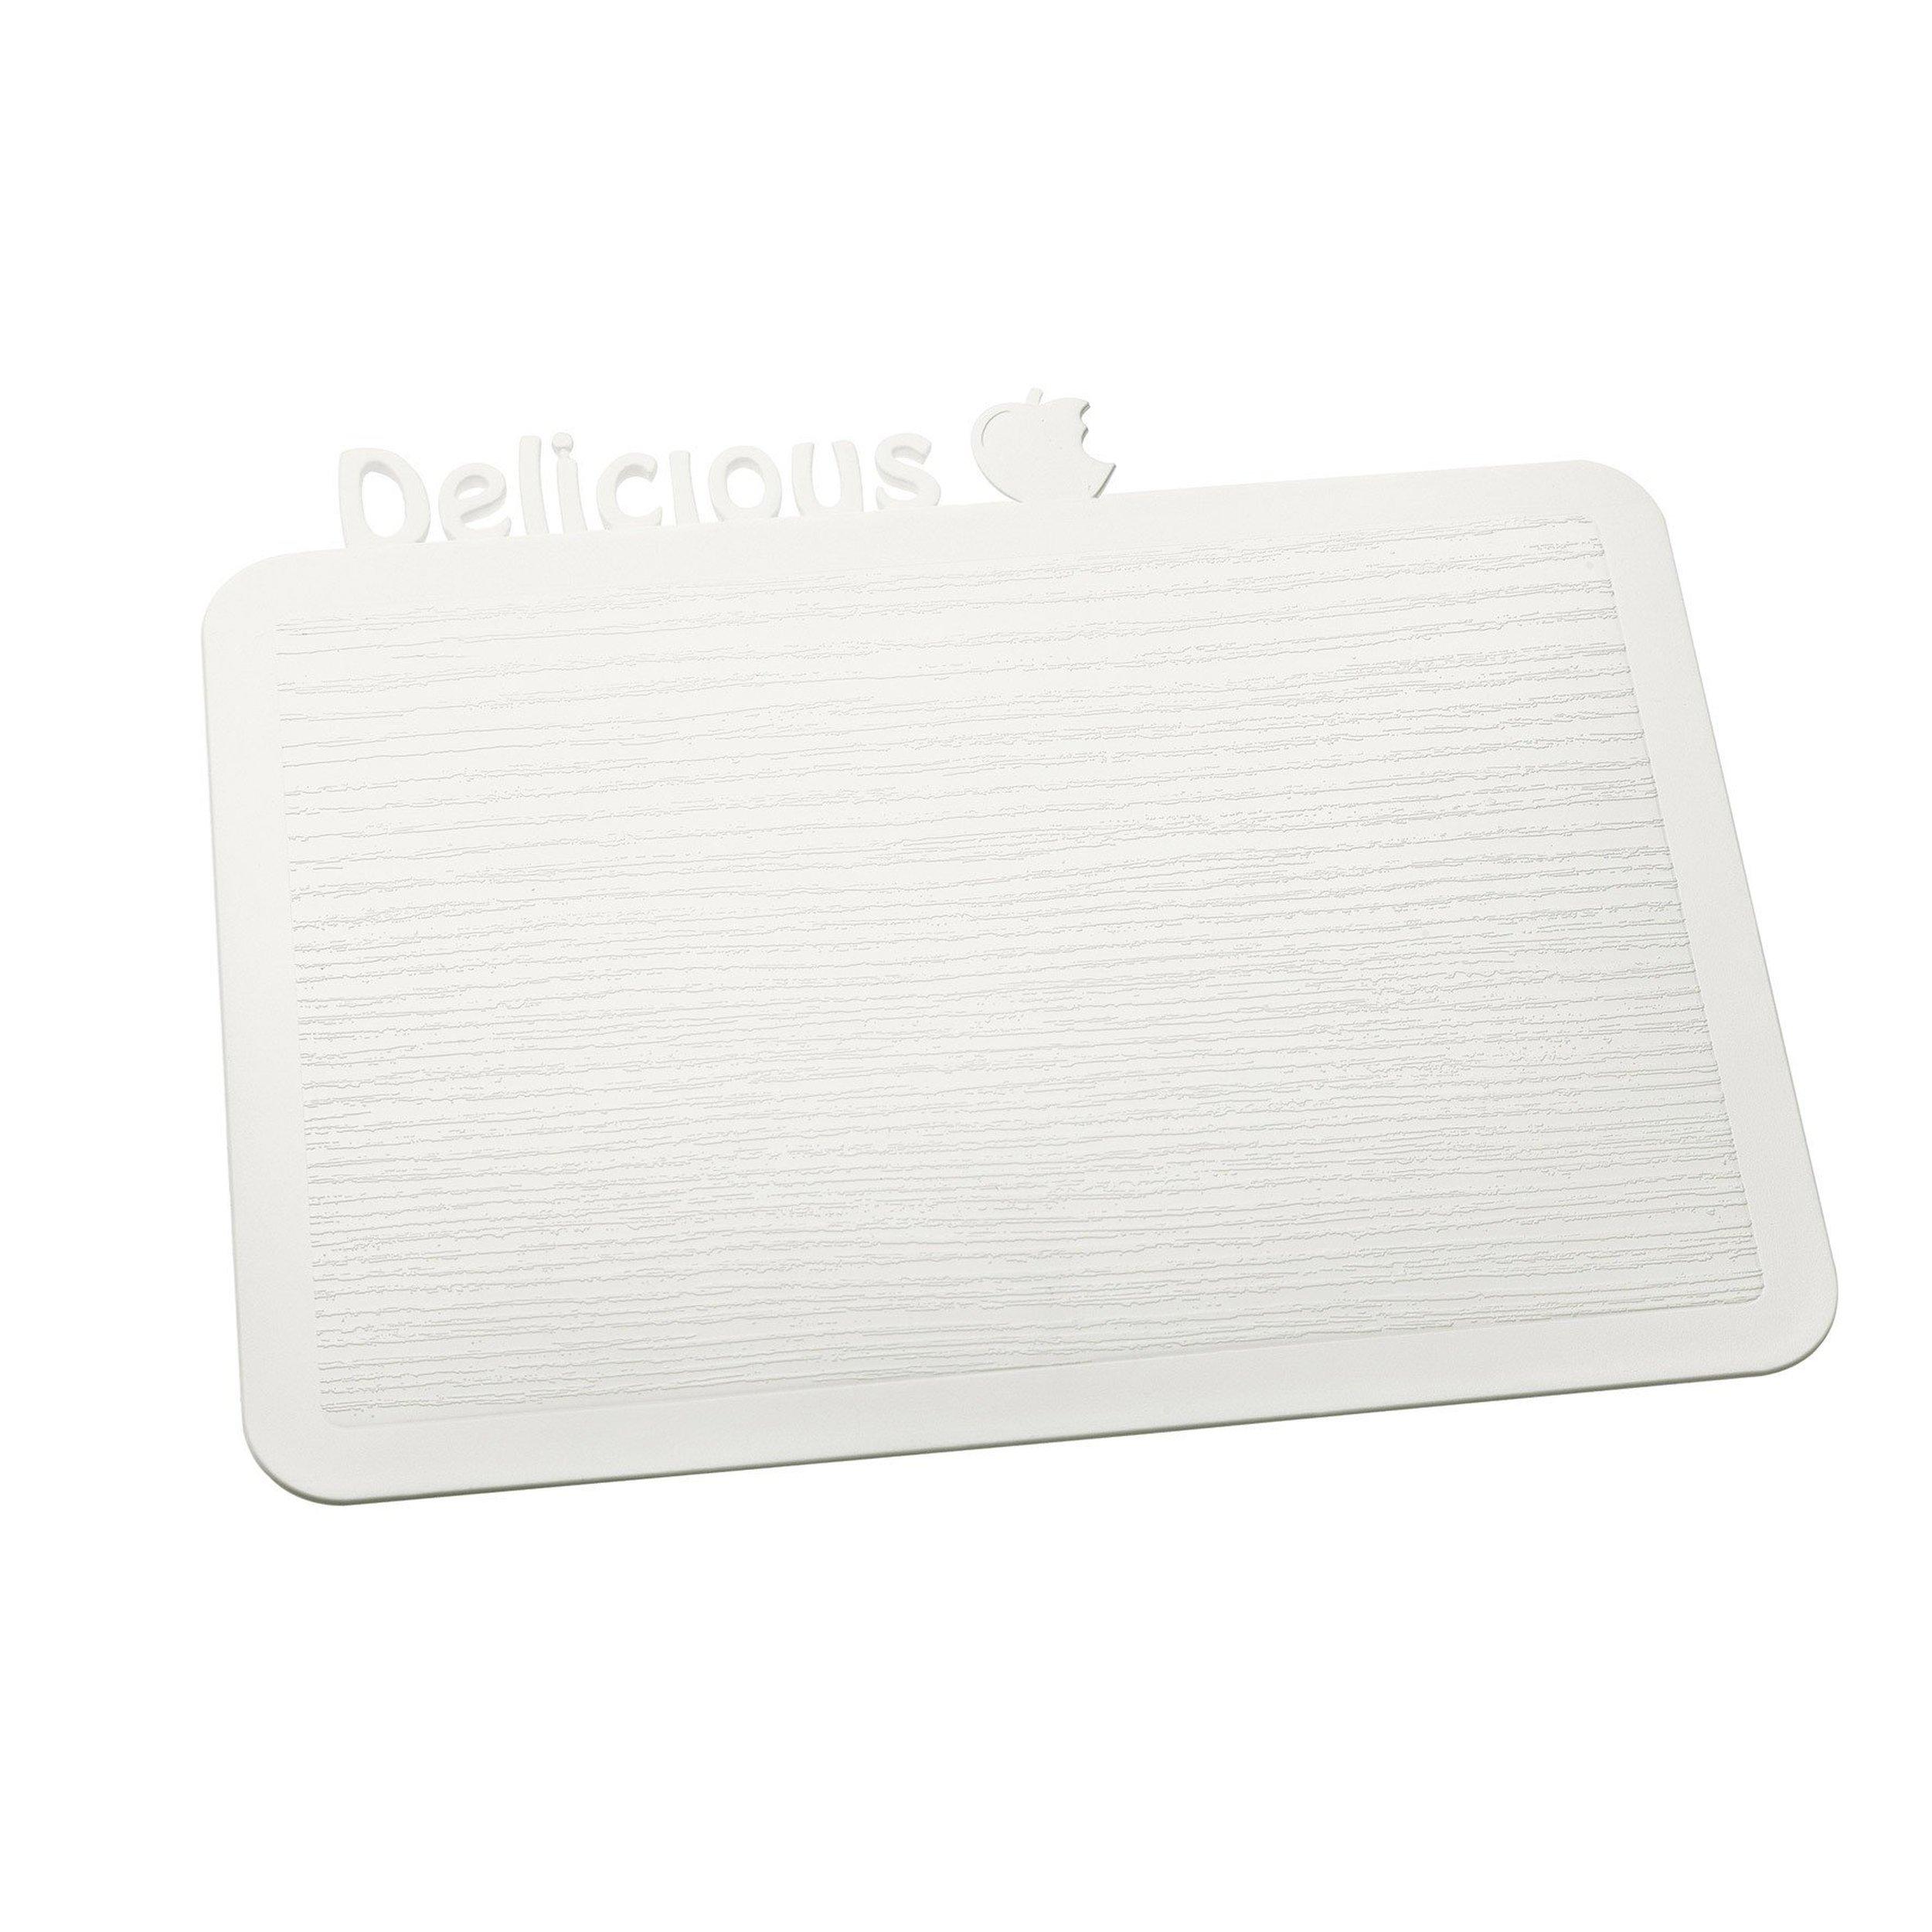 Deska śniadaniowa Happy Boards Delicious biała